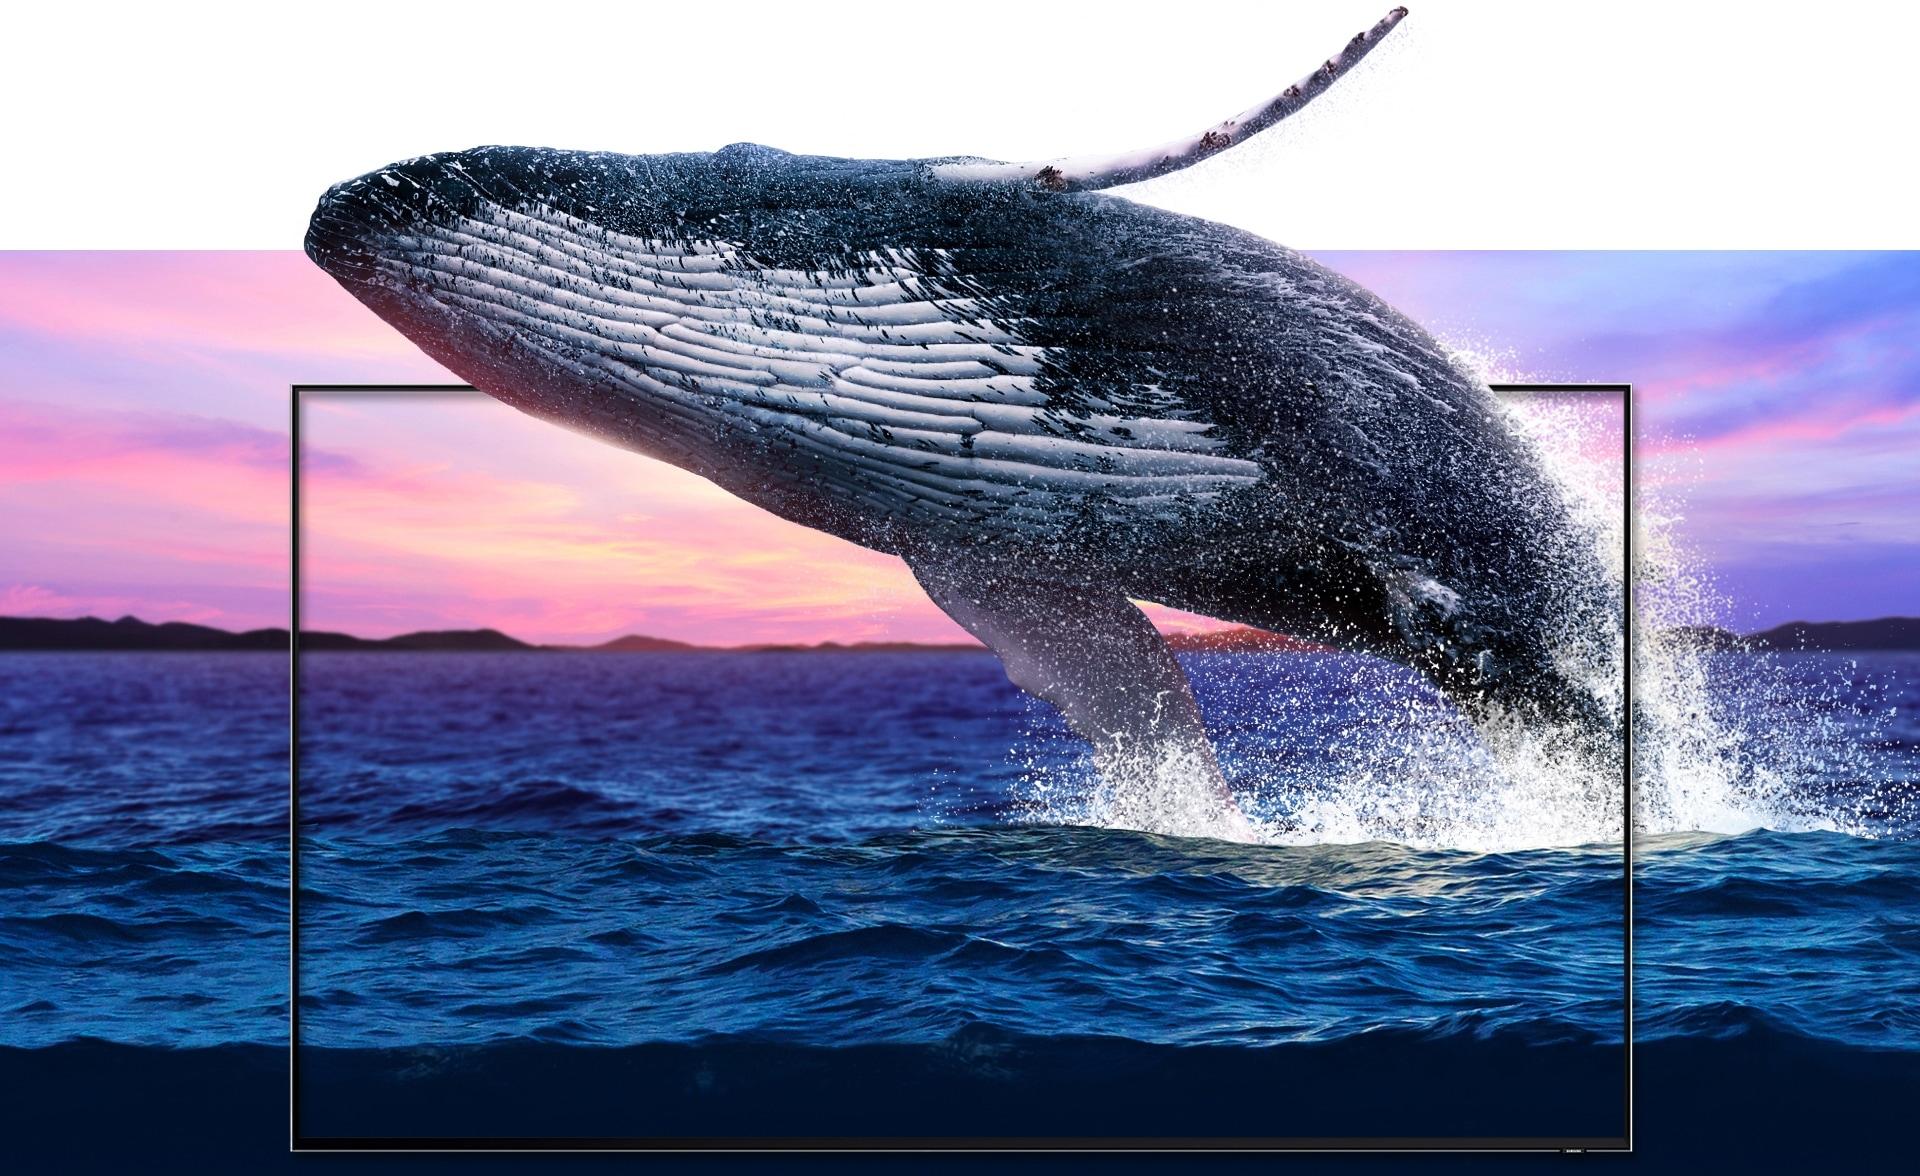 Un vibrante paisaje marino yuxtapuesto con un nuevo juego de marco de televisor QLED en el medio, a través del cual una gran ballena jorobada salta a medida que emerge del océano. Las olas y los detalles de la ballena se muestran en un detalle equivalente al de la vida real.